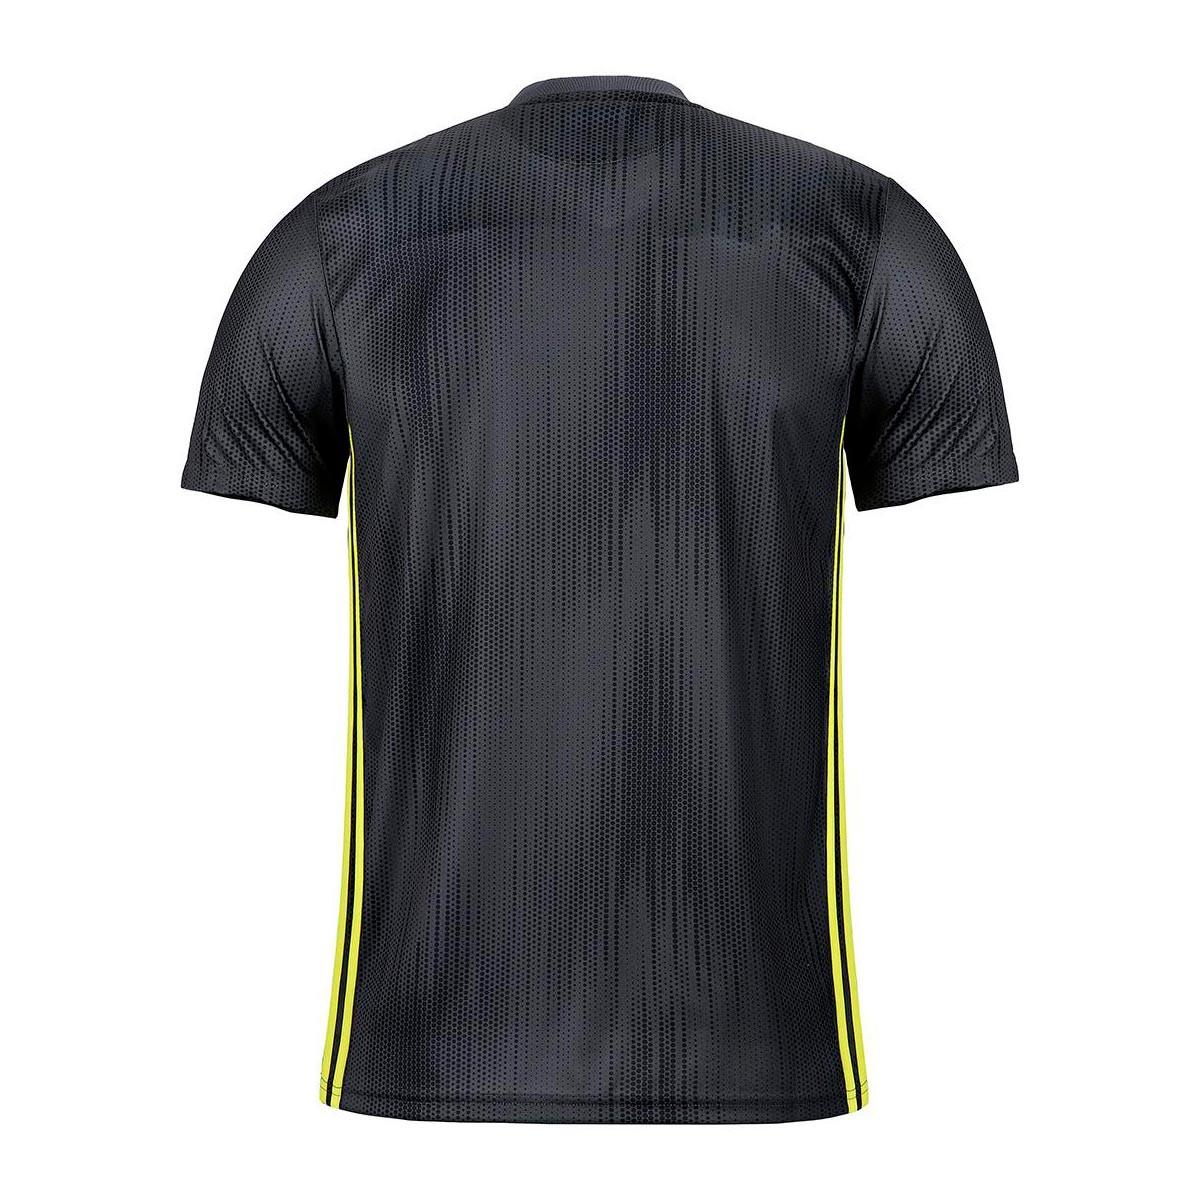 low priced f58b6 87237 Camiseta Juventus Tercera Equipación 2018-2019 Carbon-Shock yellow